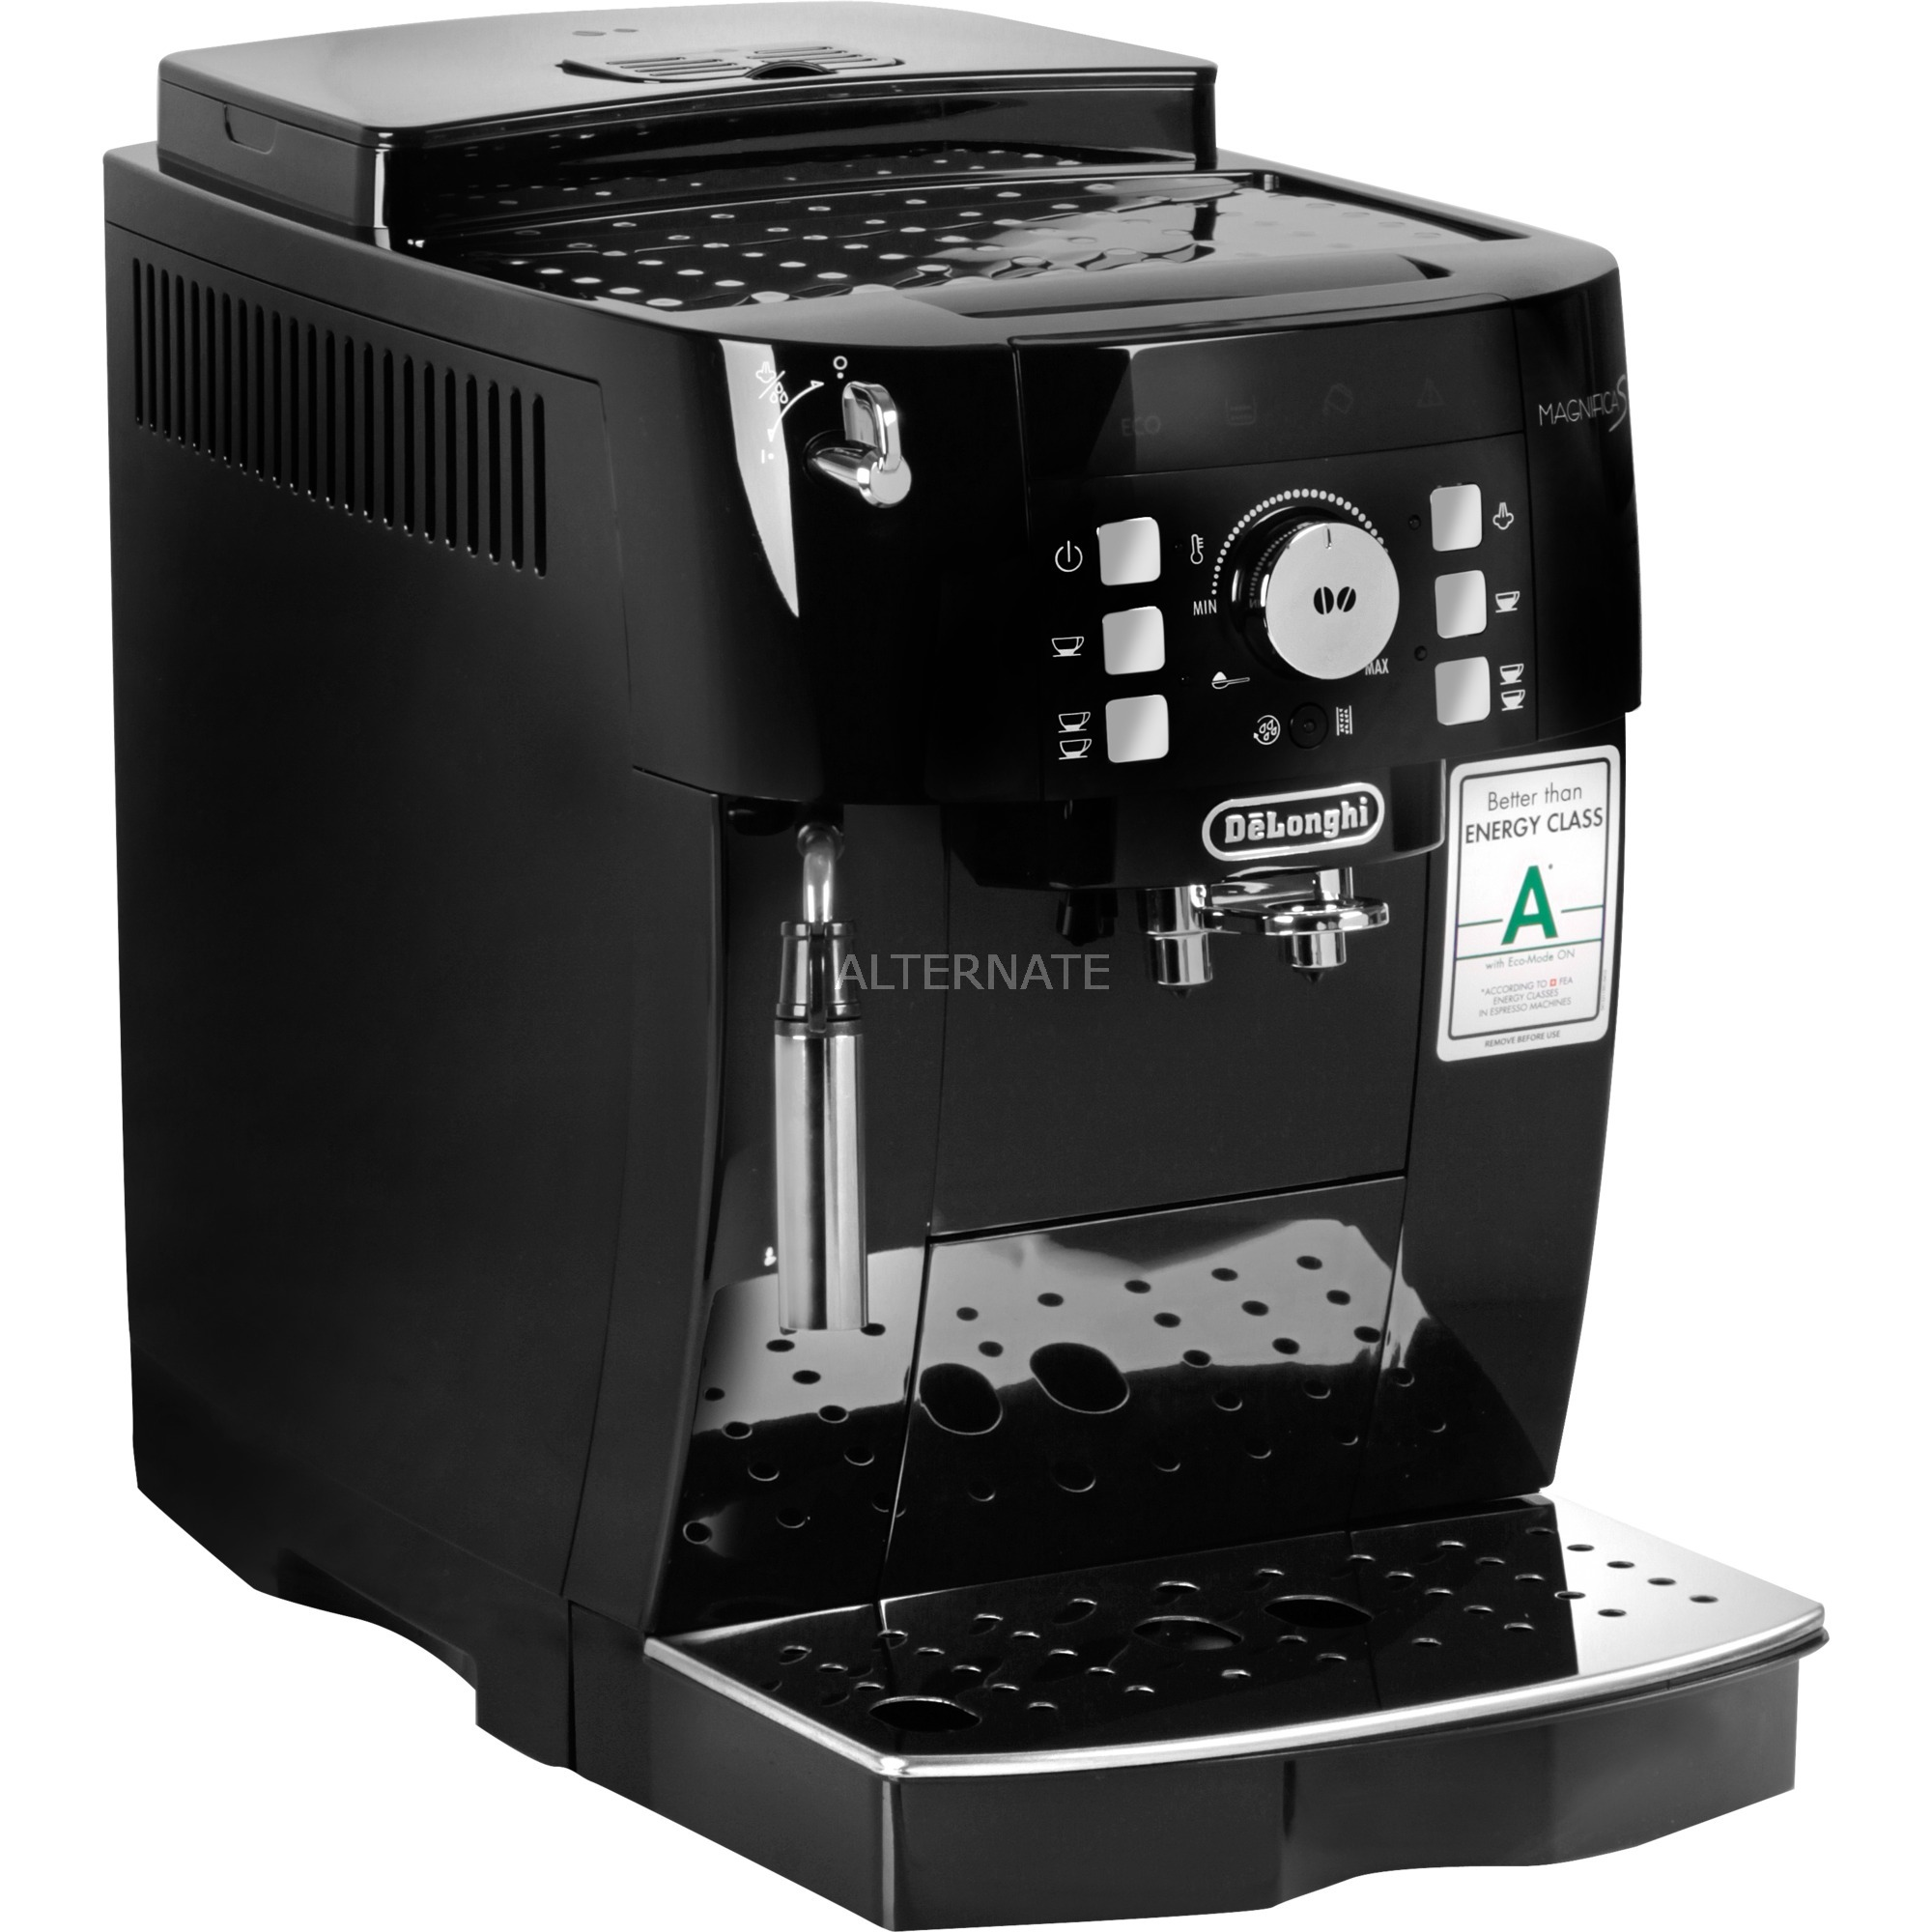 Magnifica S ECAM 21.117.B Autonome Entièrement automatique Machine à expresso 1.8L 14tasses Noir, Machine à café/Espresso